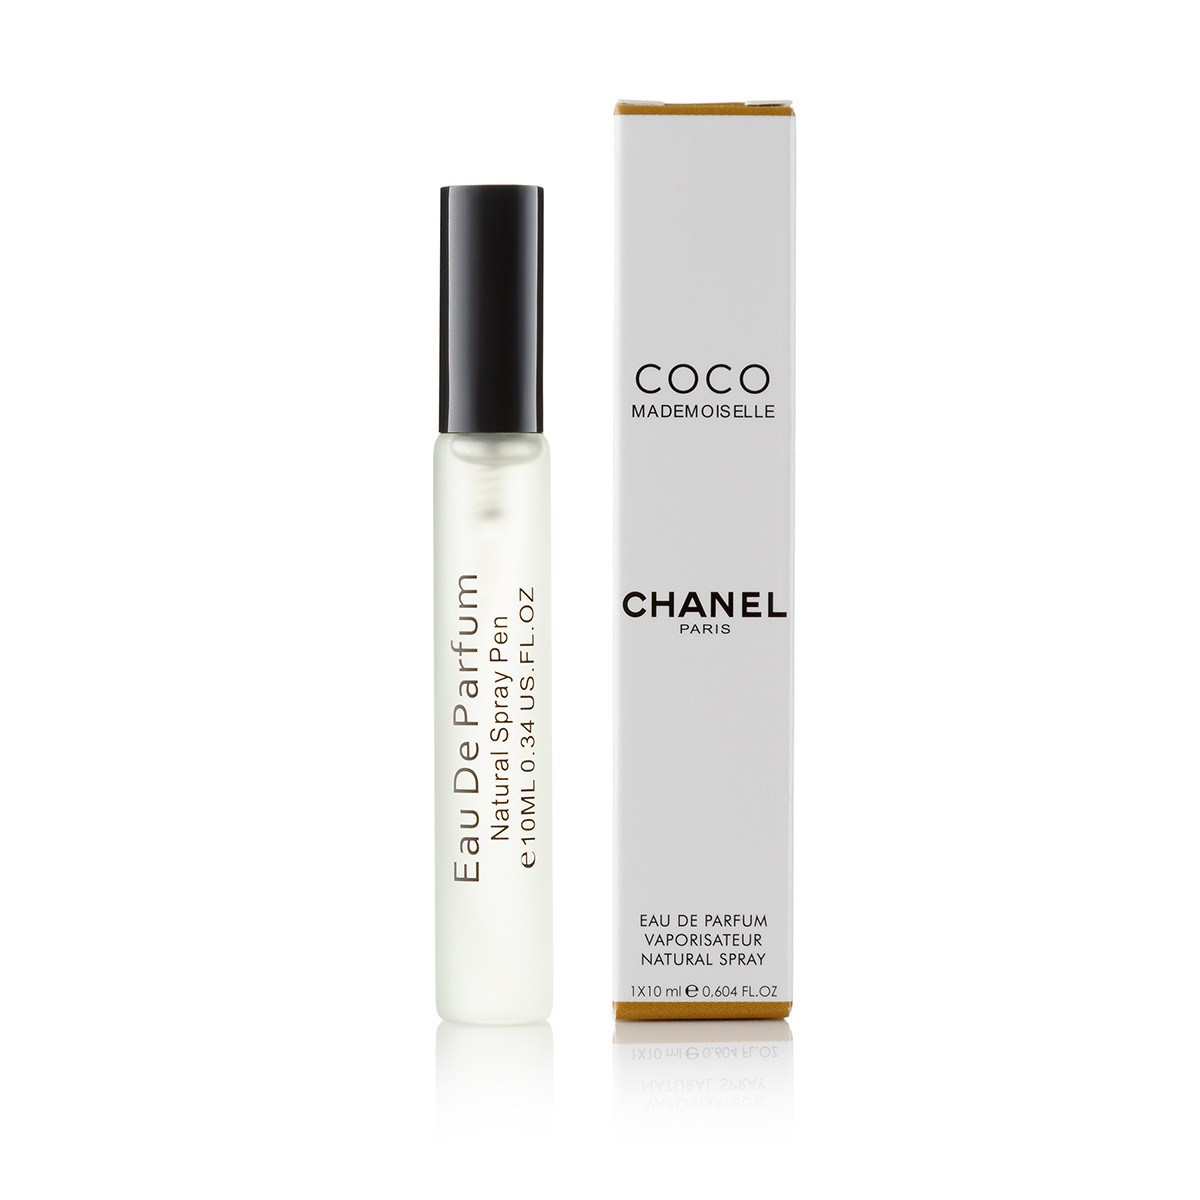 10 мл мини парфюм спрей ручка Coco Mademoiselle -(Ж) Д- 16